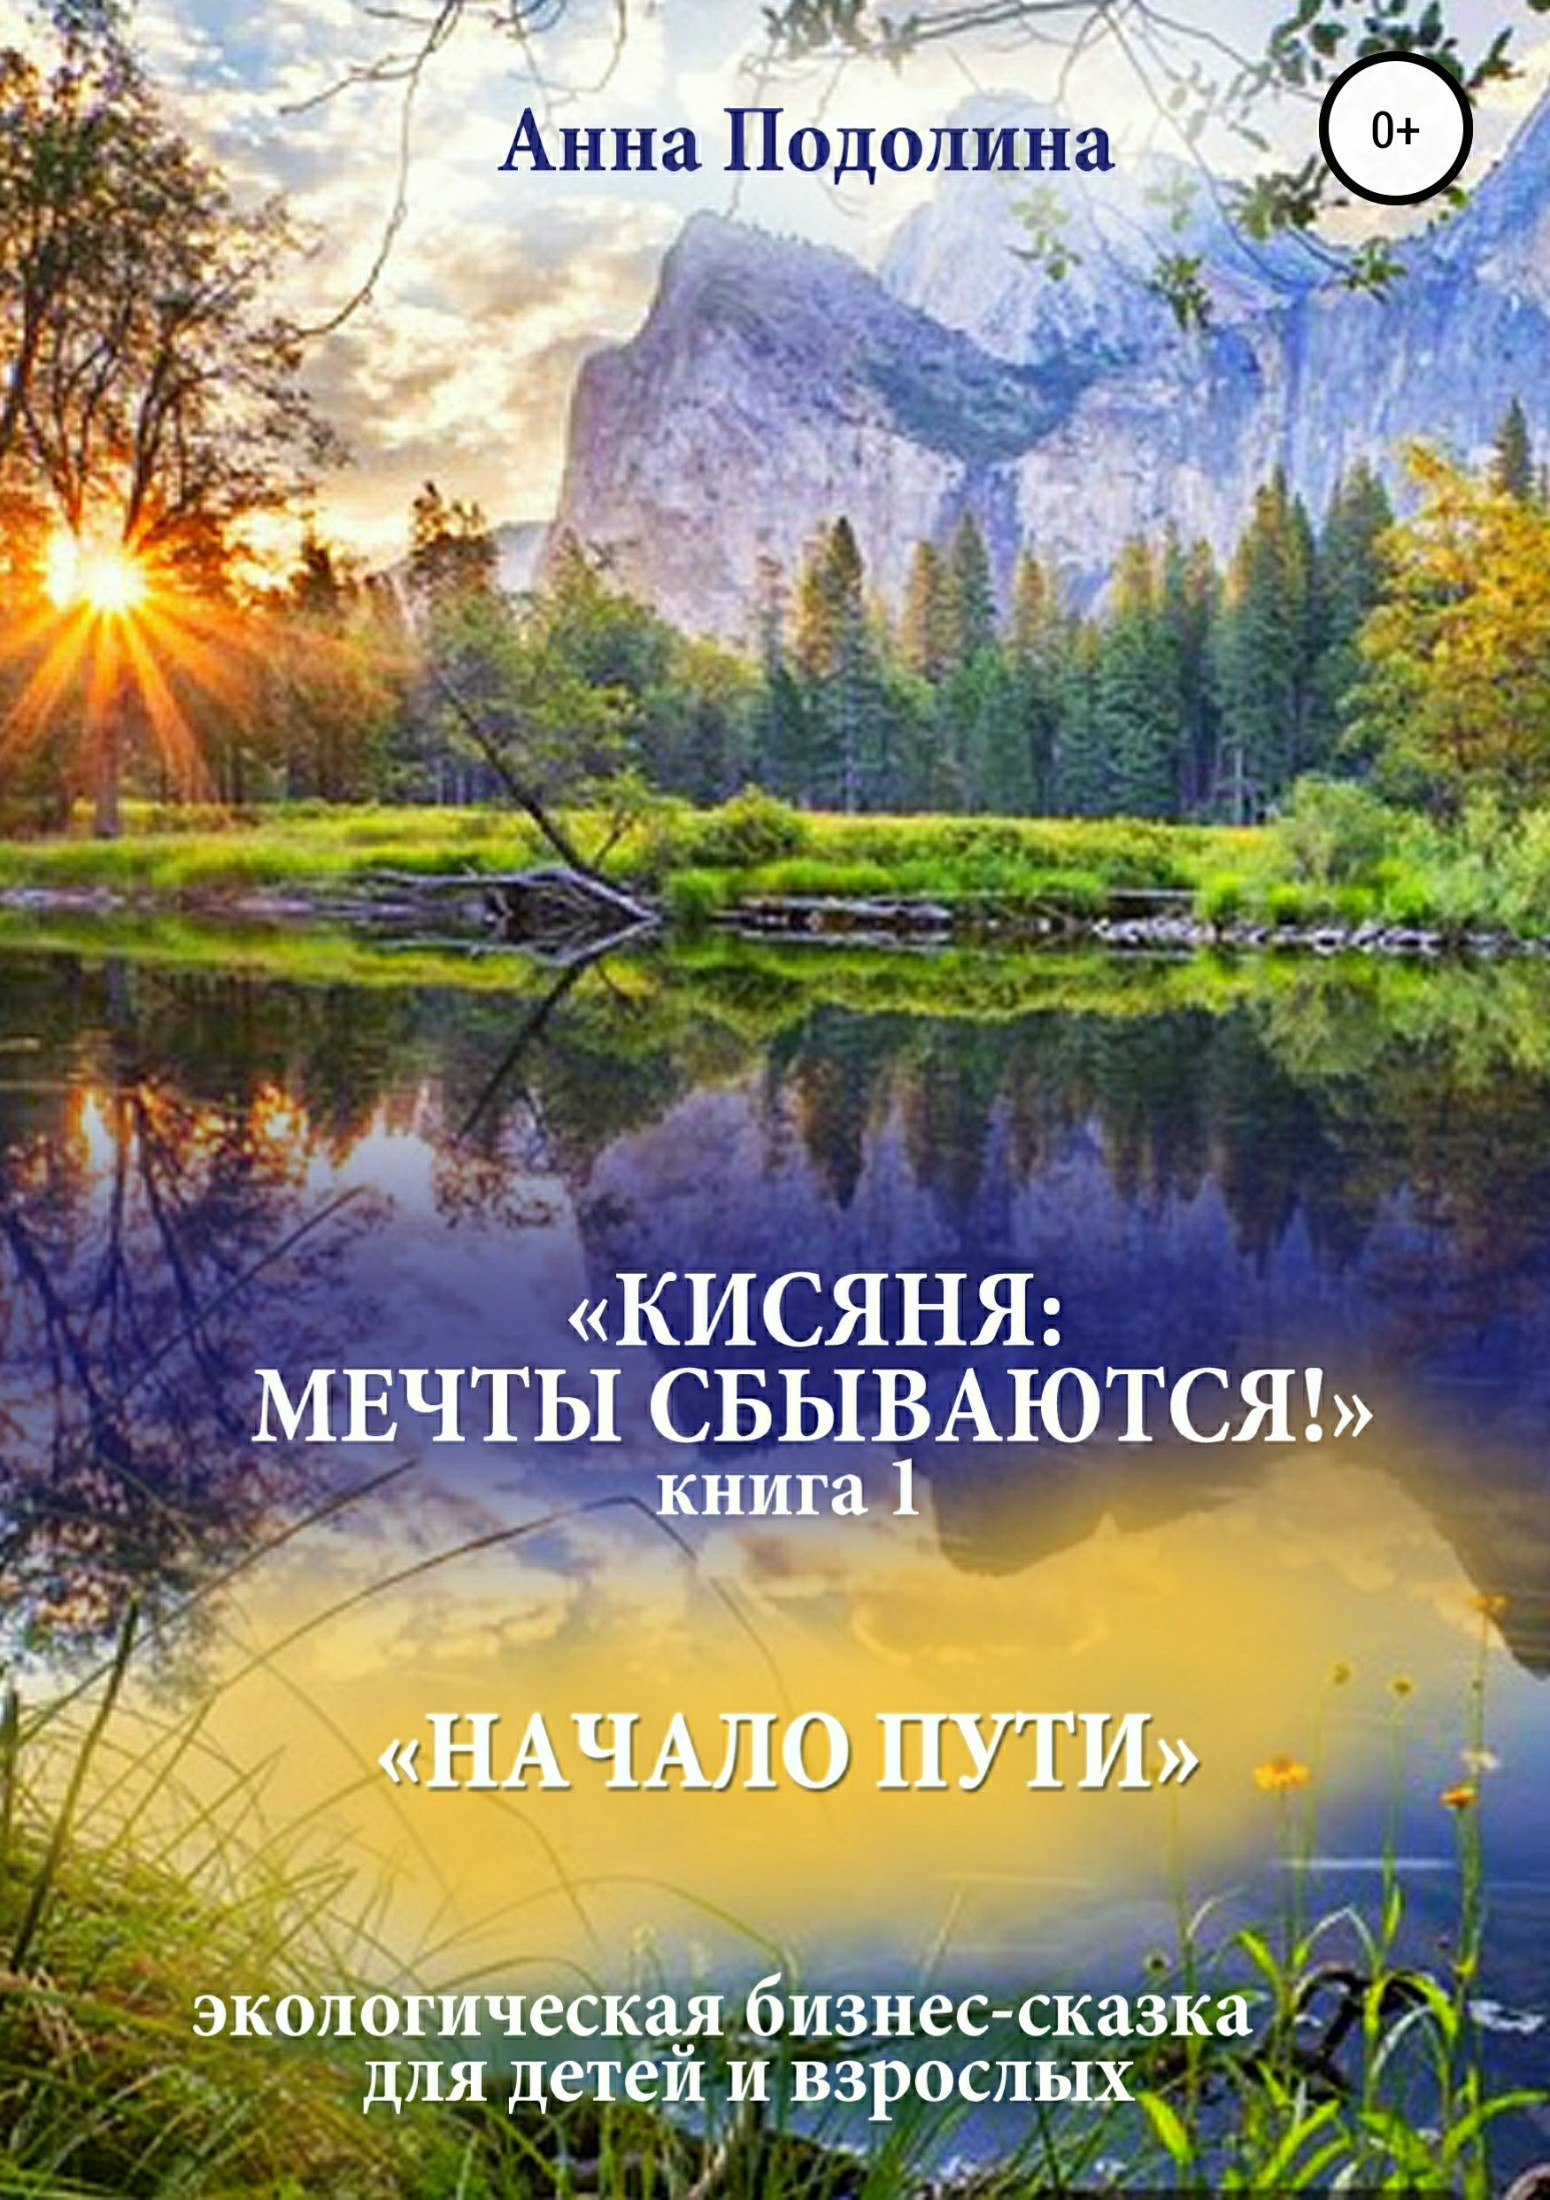 Обложка книги. Автор - Анна Подолина